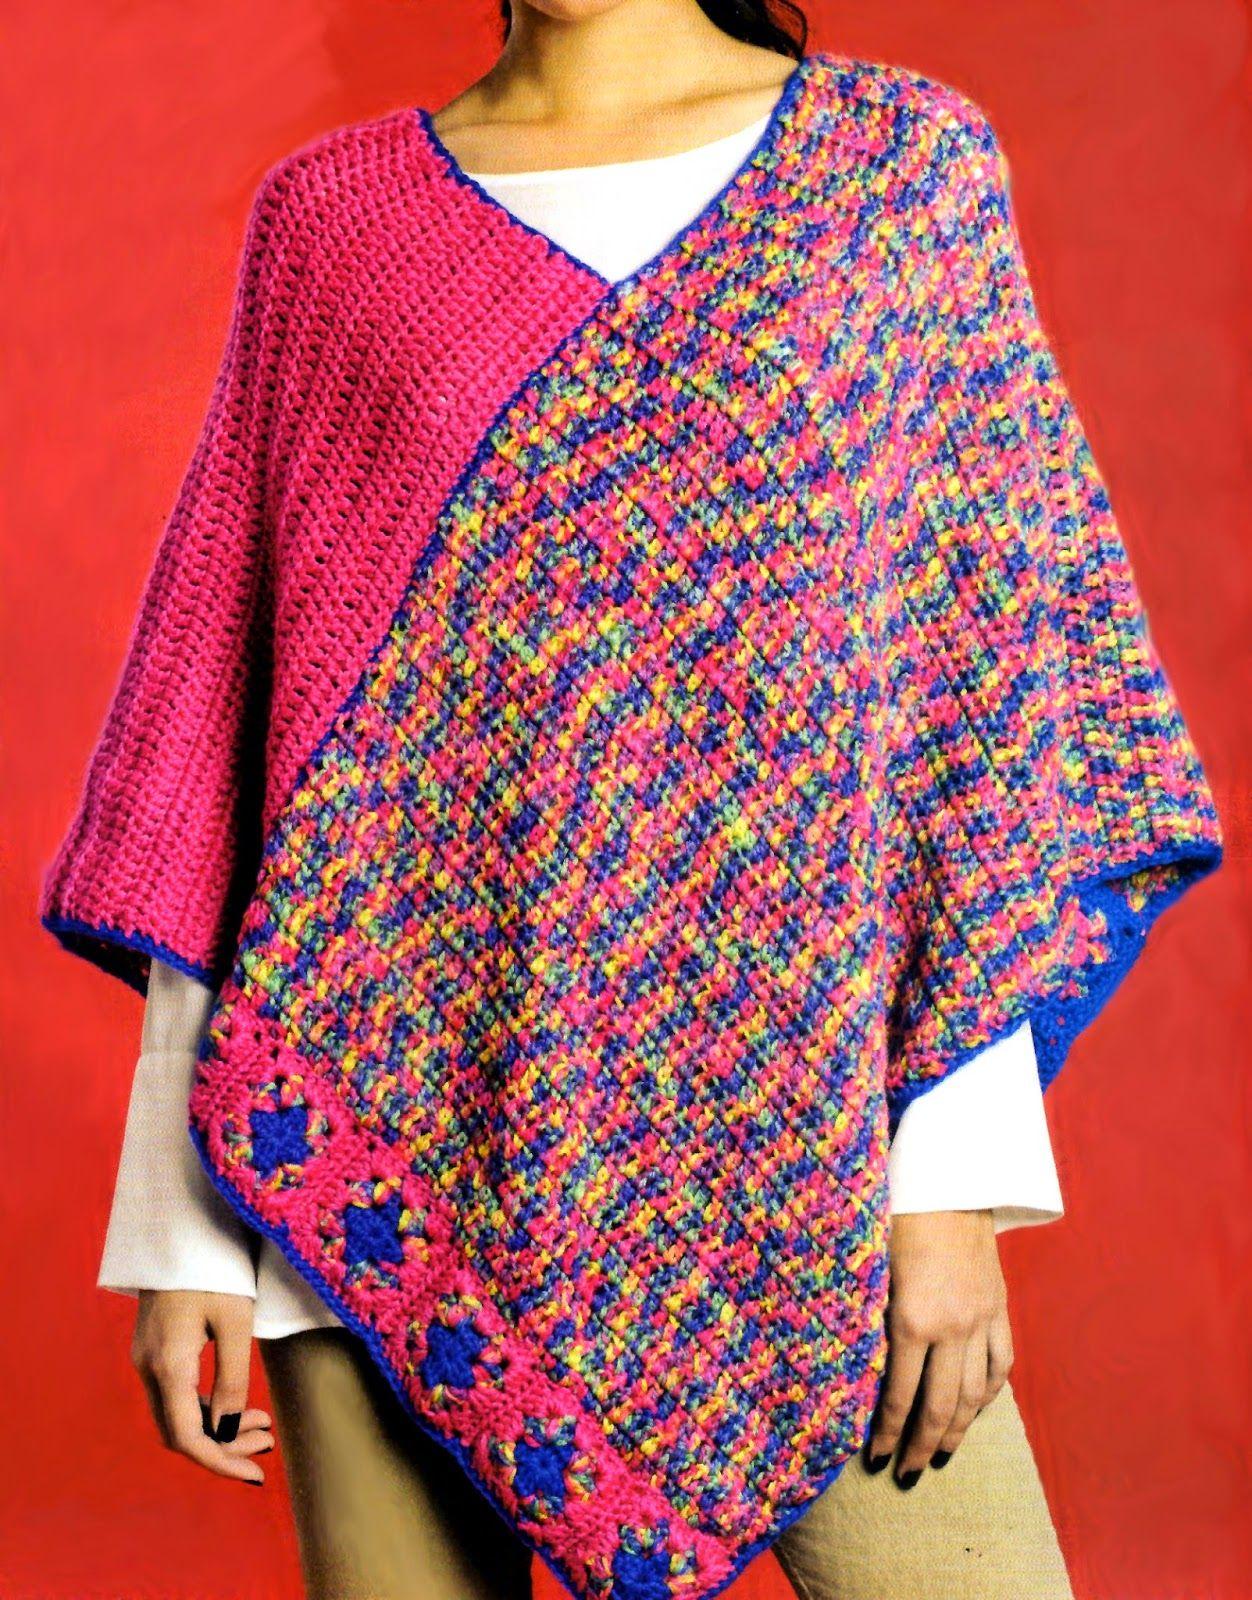 tejidos artesanales en crochet: poncho tejido en crochet | Crochet ...